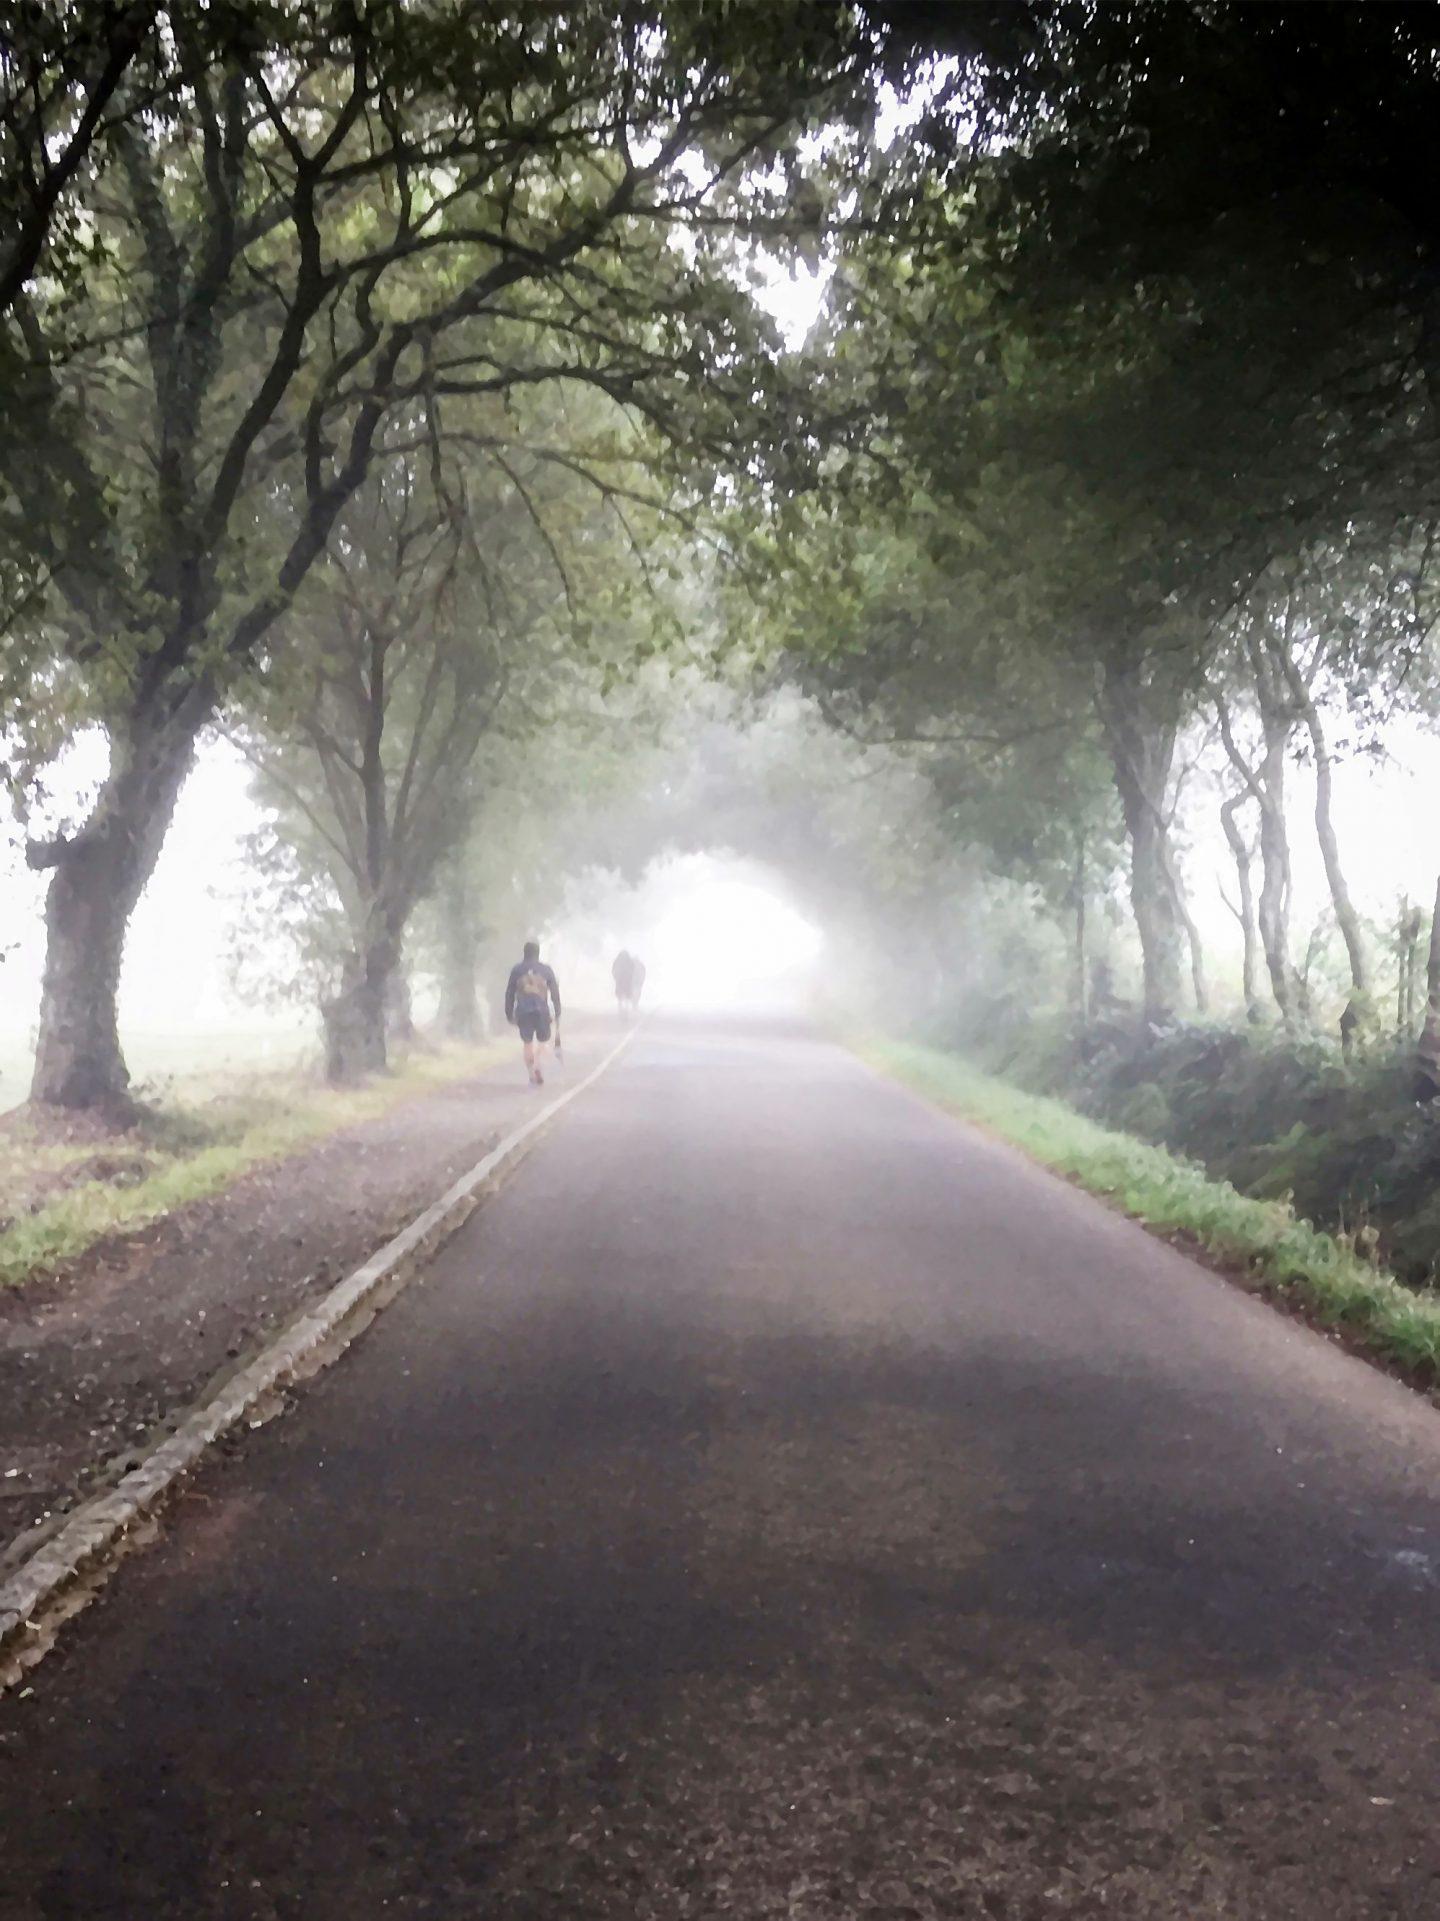 My Camino – From Portomarín to Palas de Rei